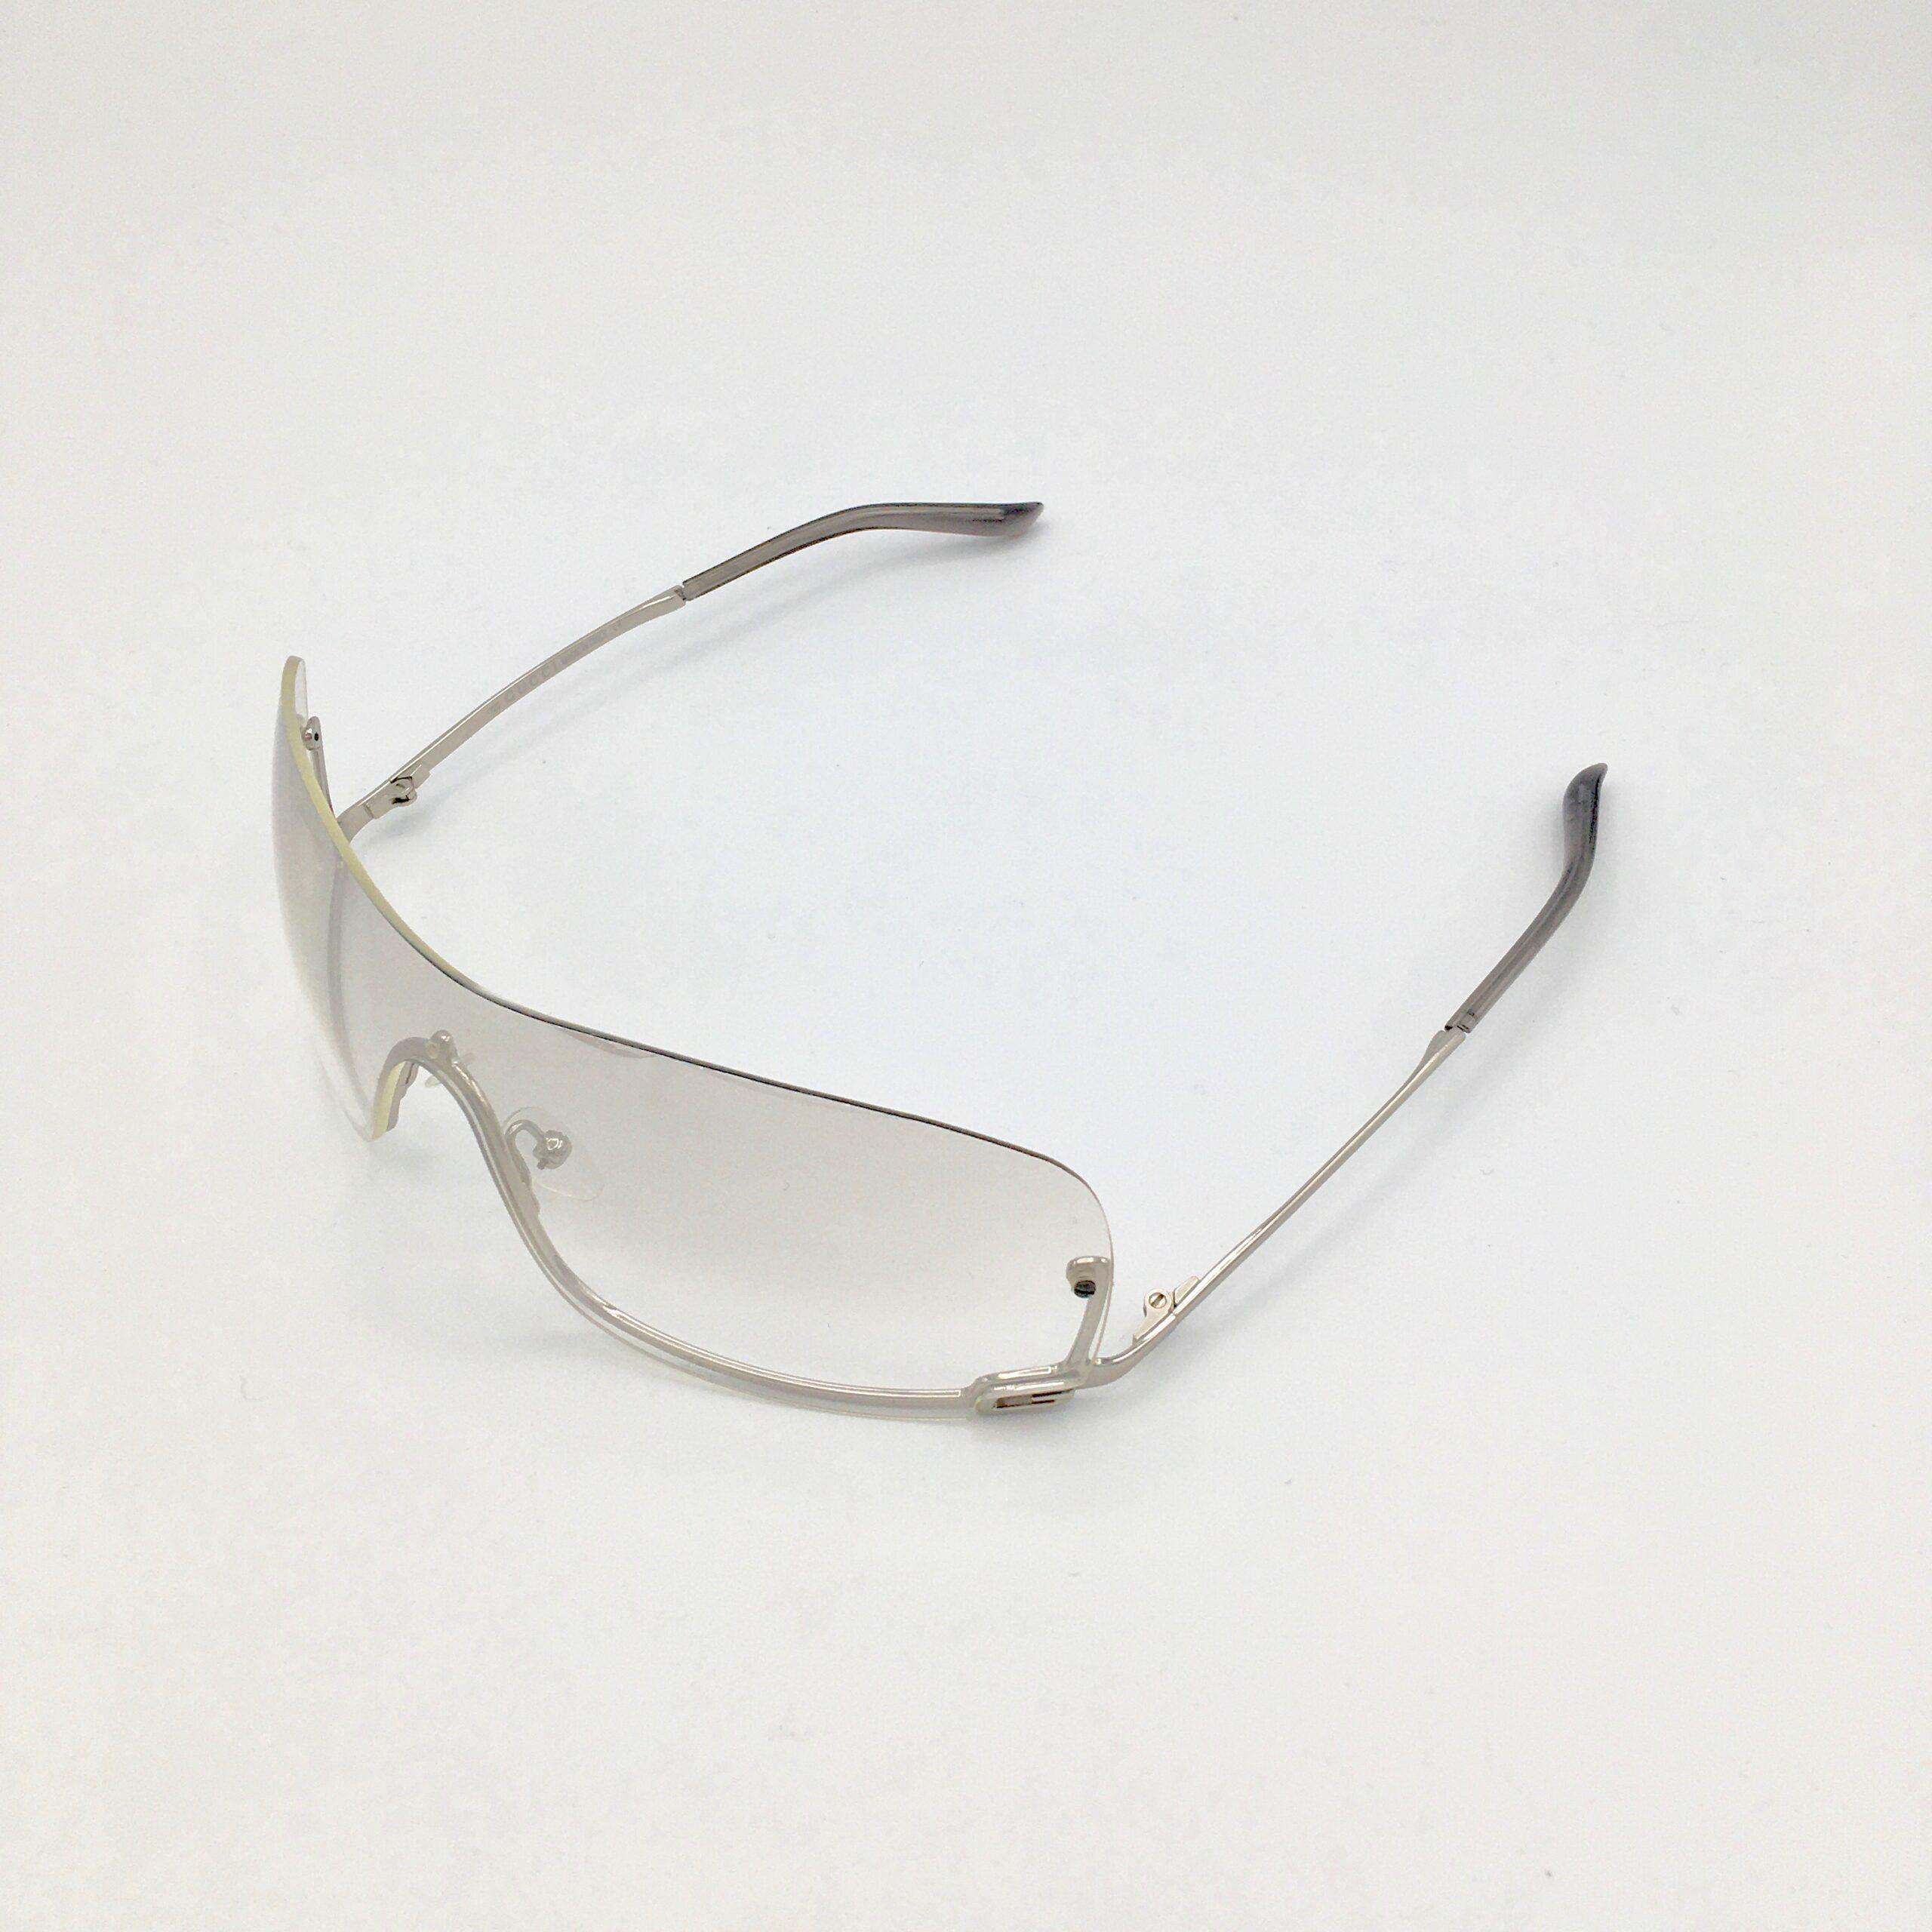 Visor Style Gucci Sunglasses